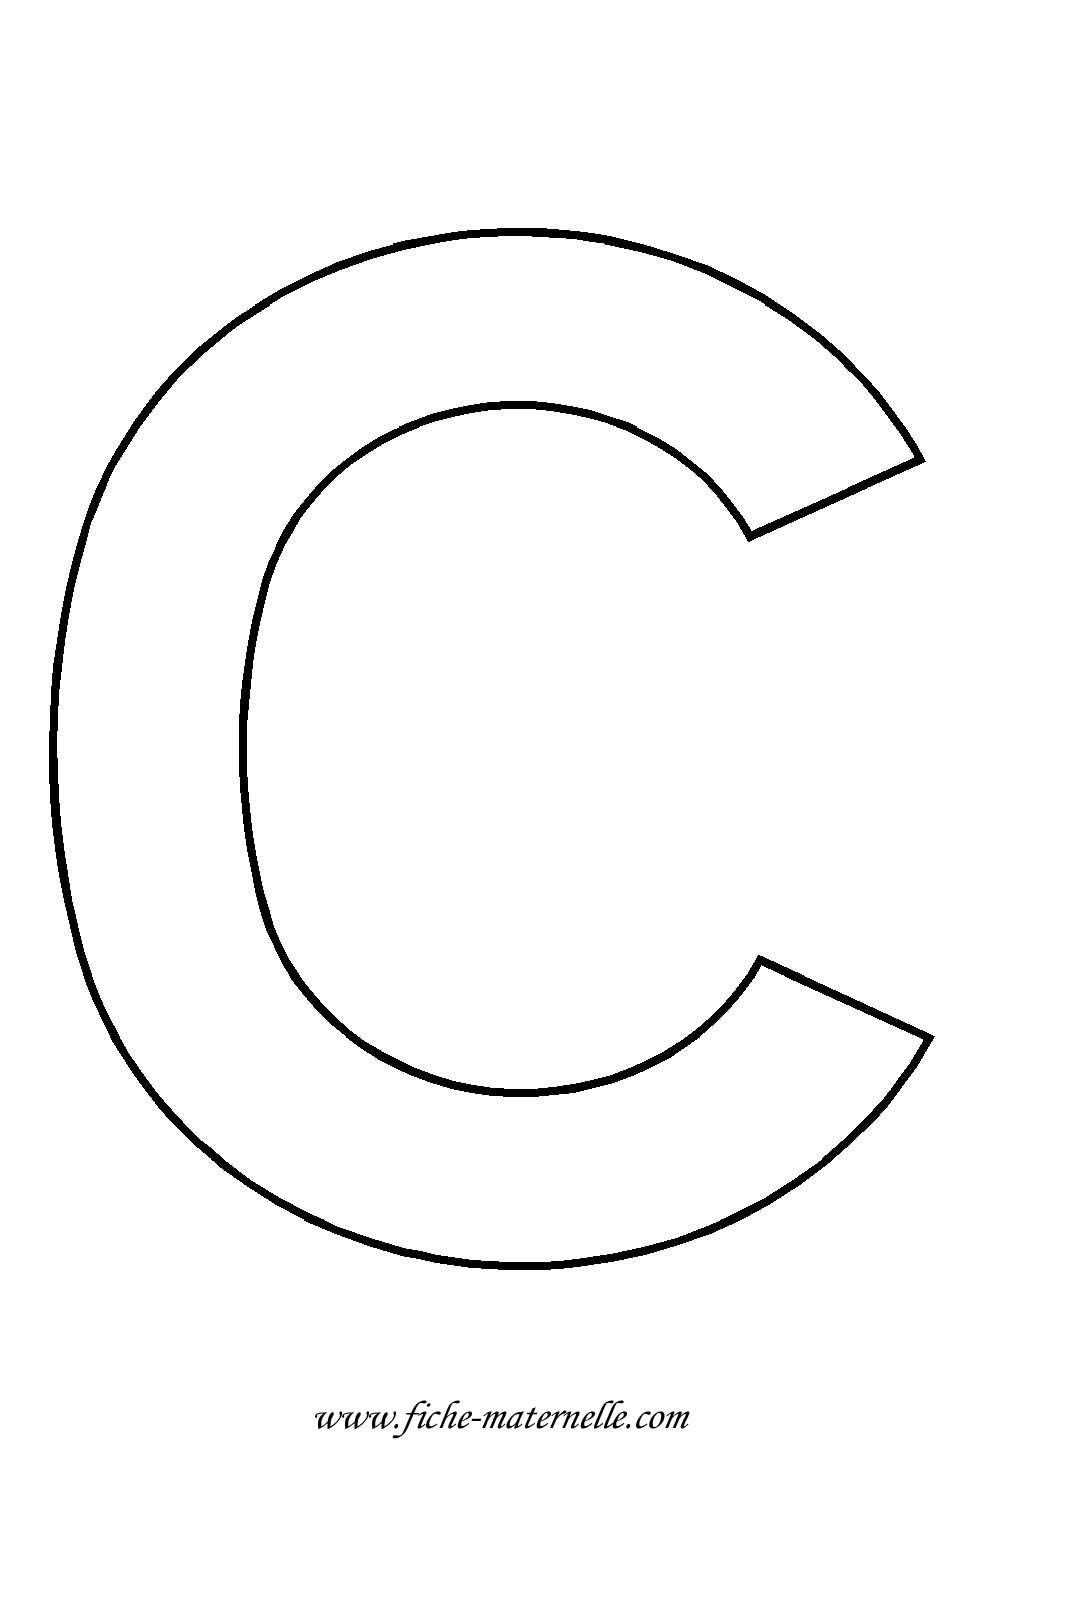 Lettre de l 39 alphabet d corer fiches pr requis pinterest alphabet lettres et lettre capitale - Lettres de l alphabet a decorer ...